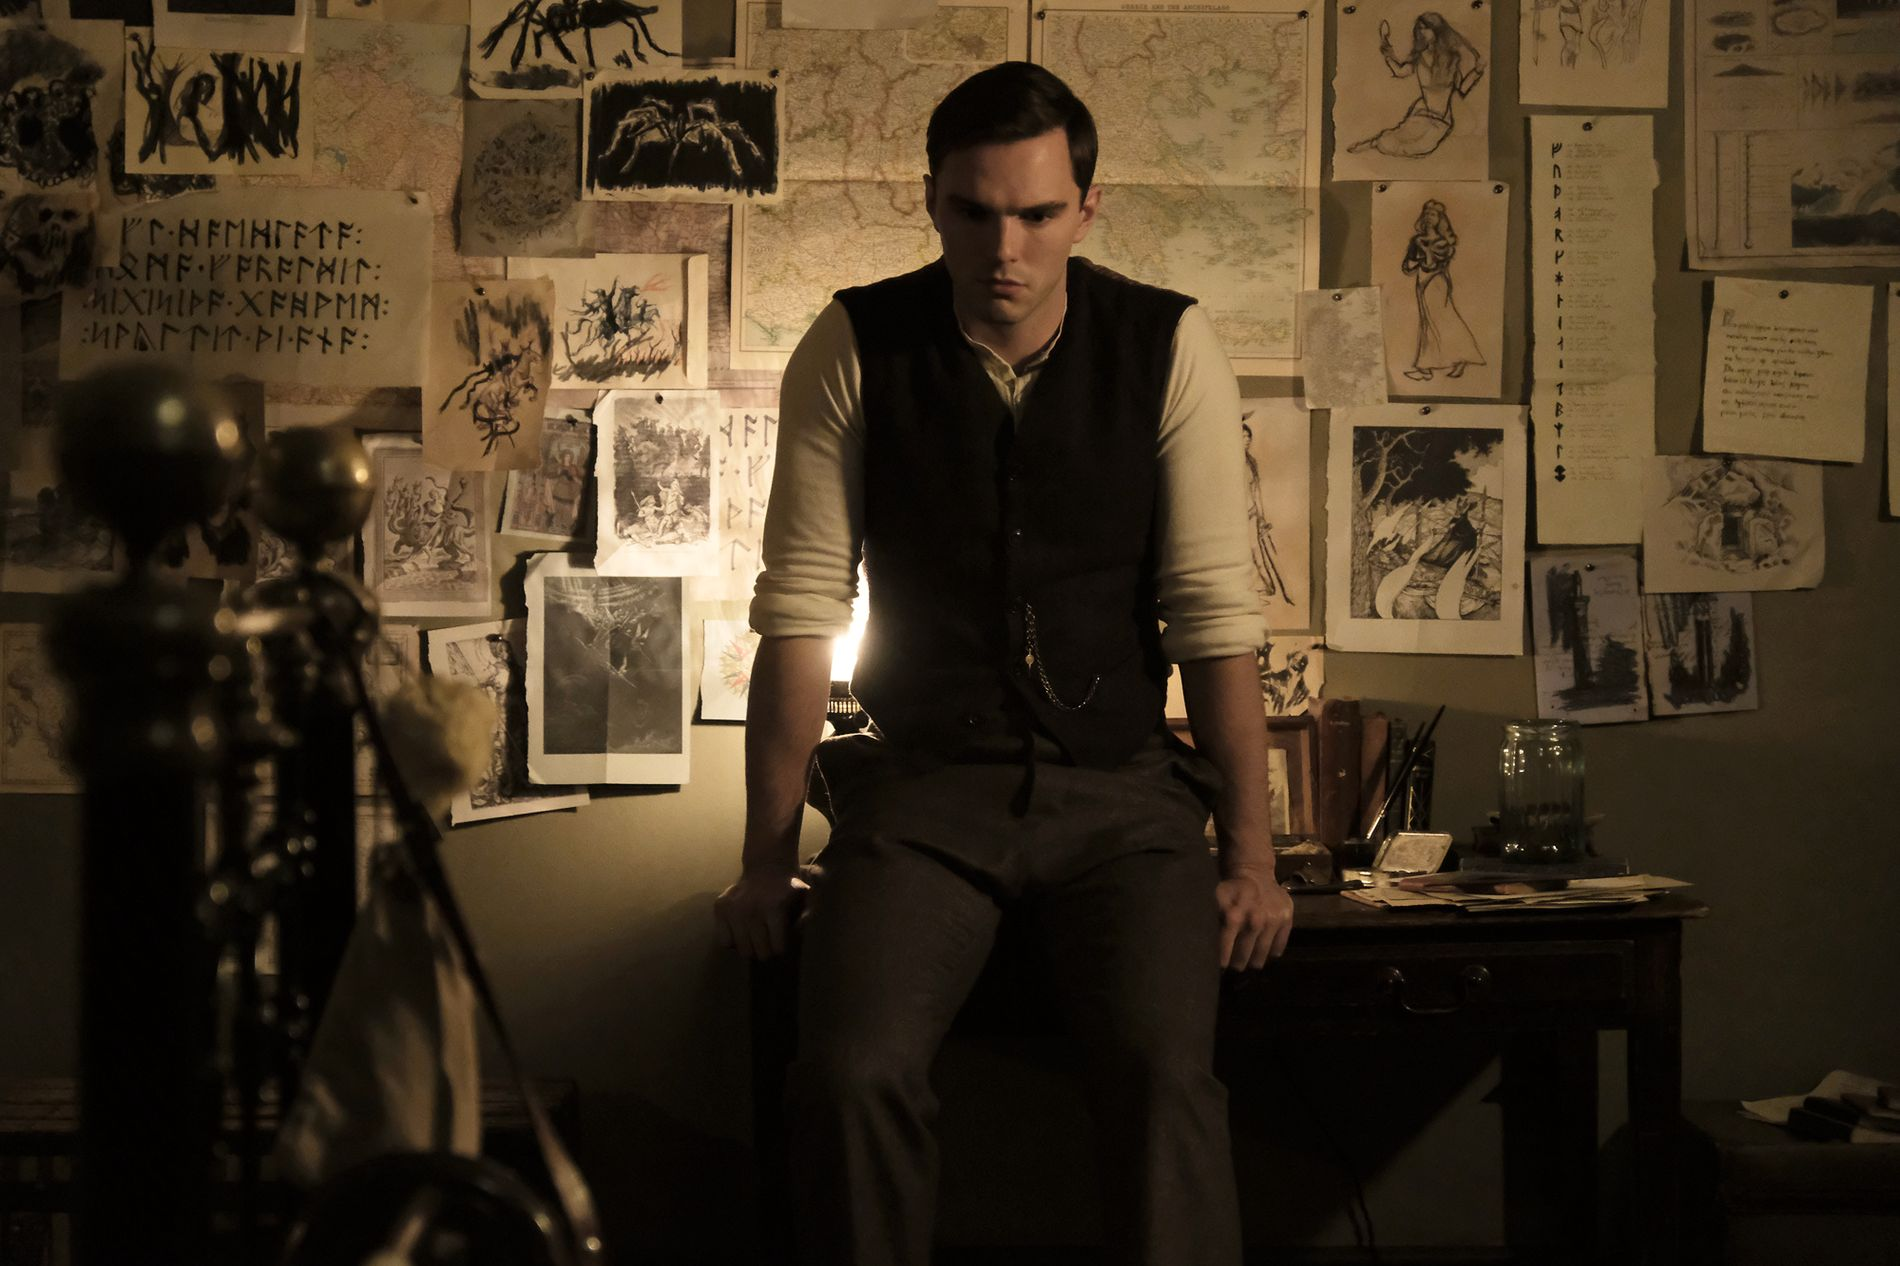 df836201 Filmanmeldelse «Tolkien»: Portrett av forfatteren som ung mann